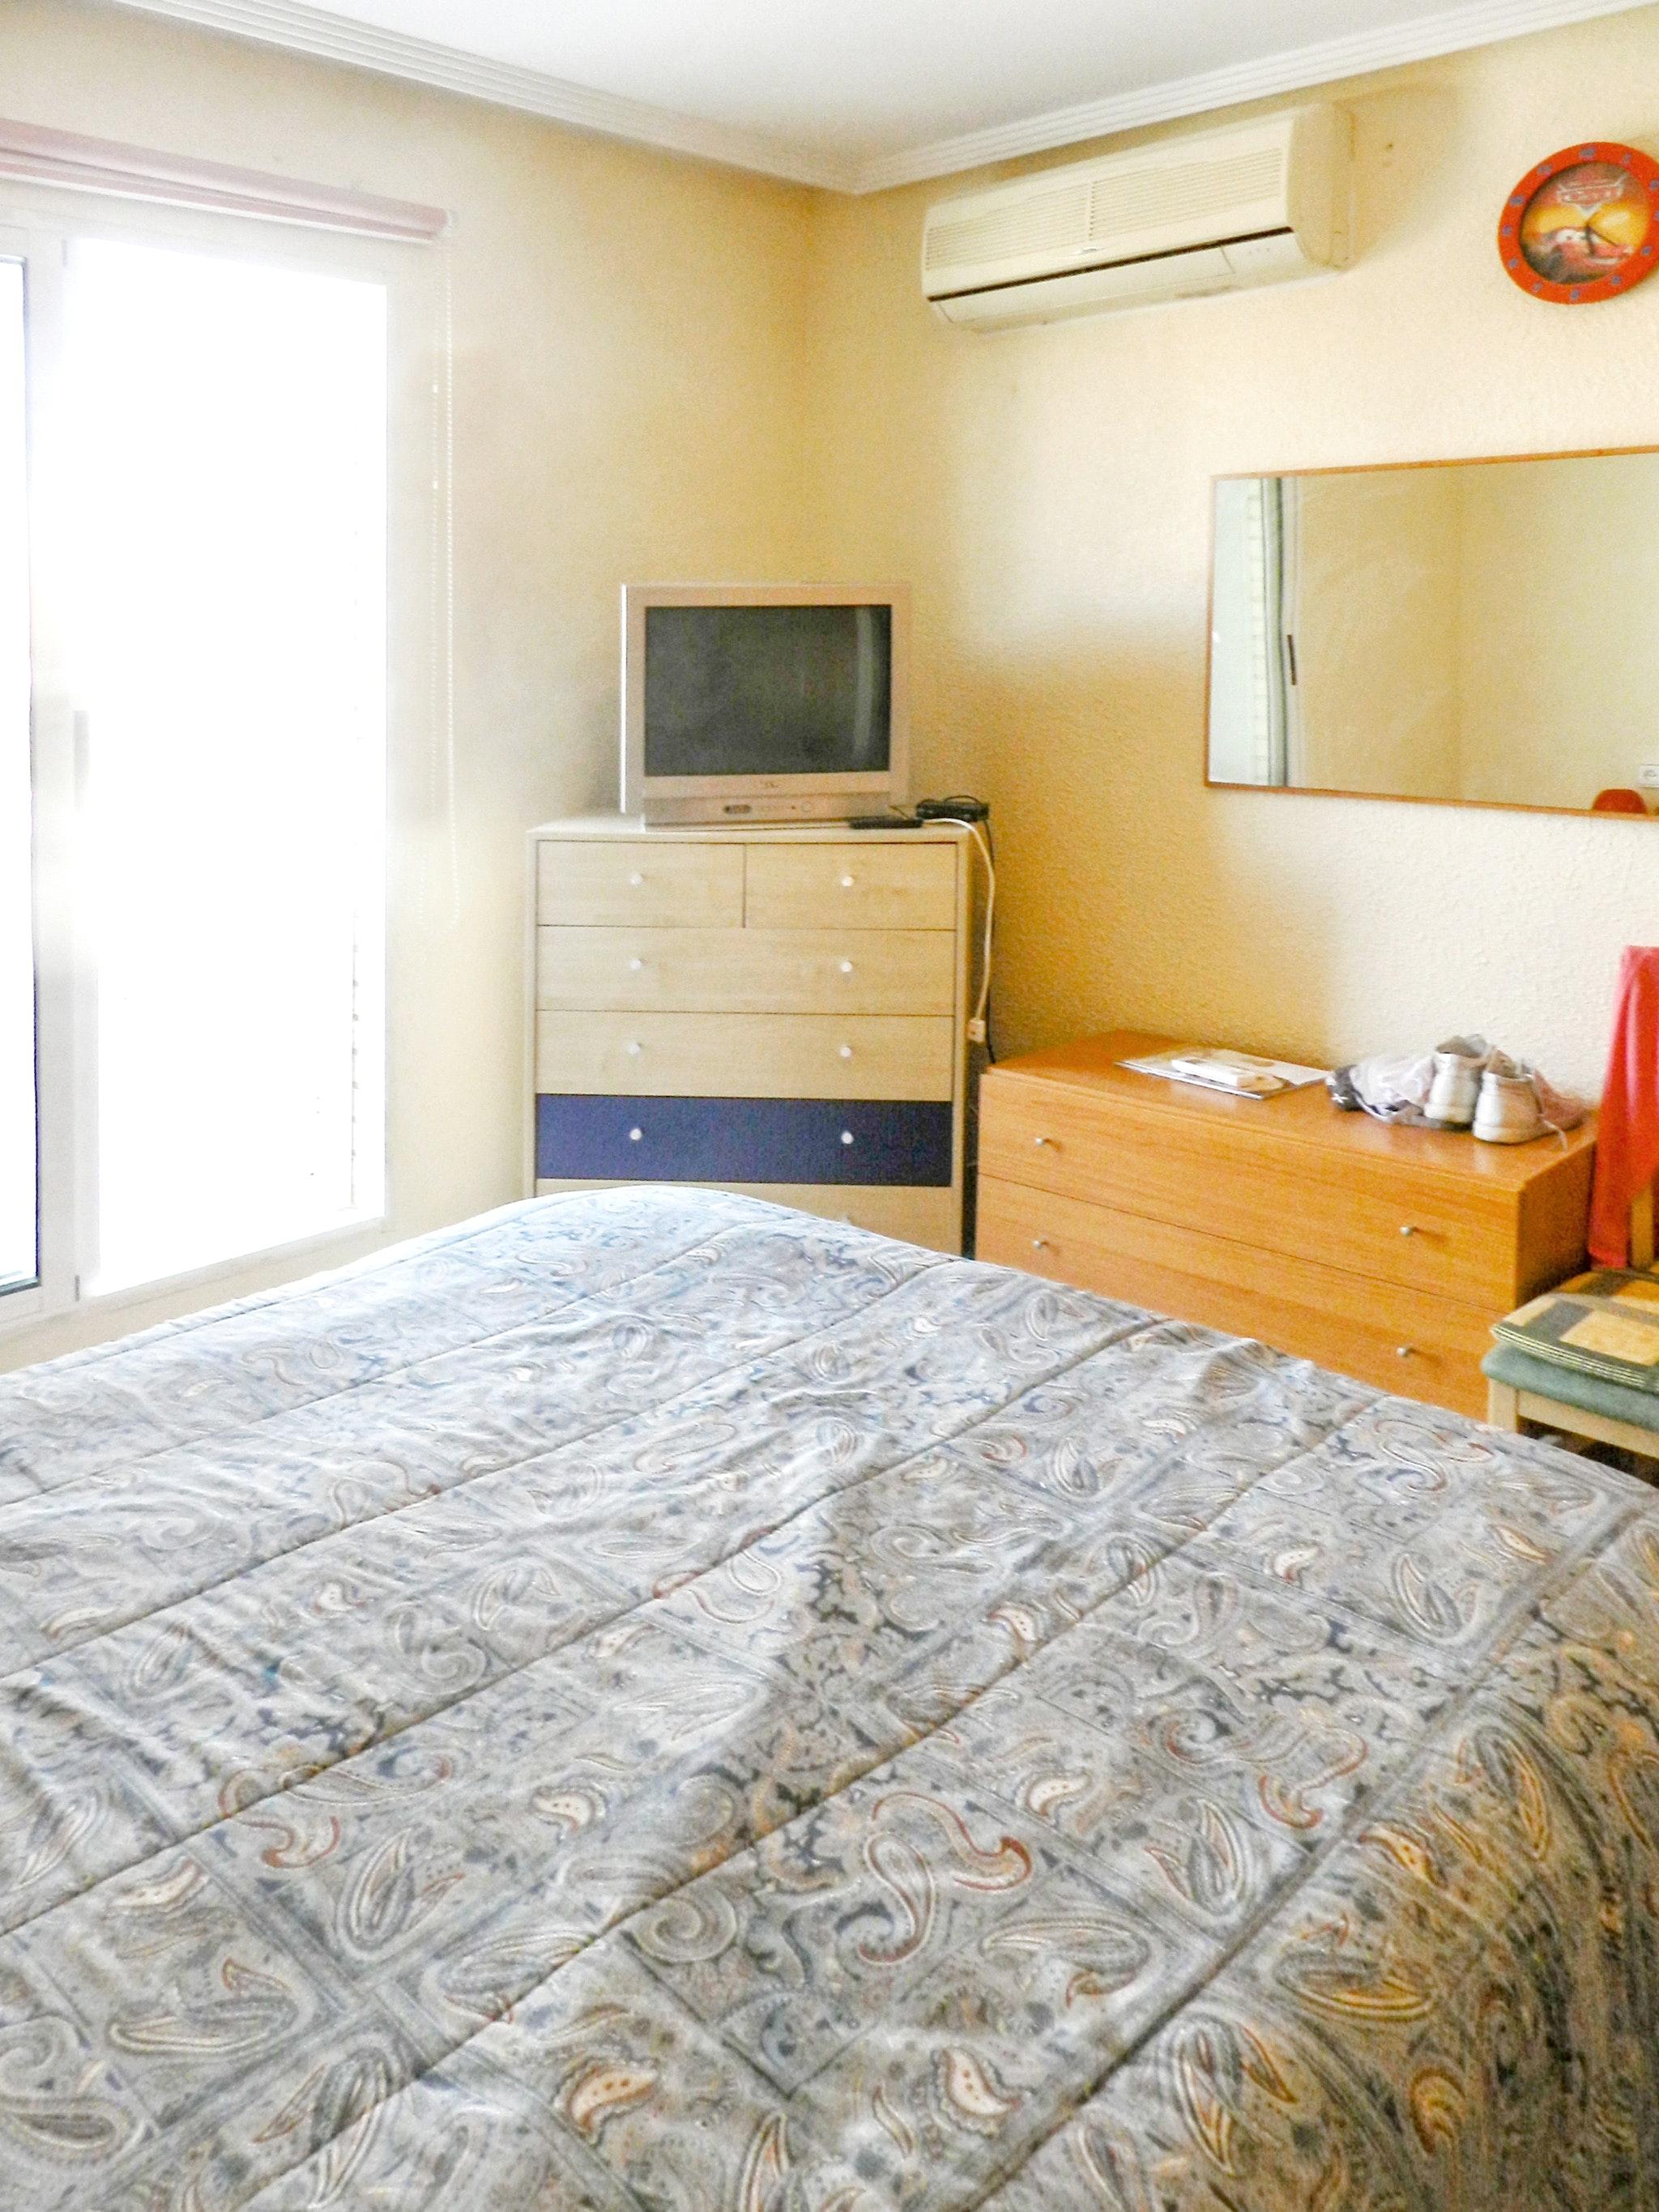 Ferienhaus Helles, modernes Haus in Torrevieja mit Gemeinschaftspool, 5 Minuten vom Strand La Mata en (2201630), Torrevieja, Costa Blanca, Valencia, Spanien, Bild 8